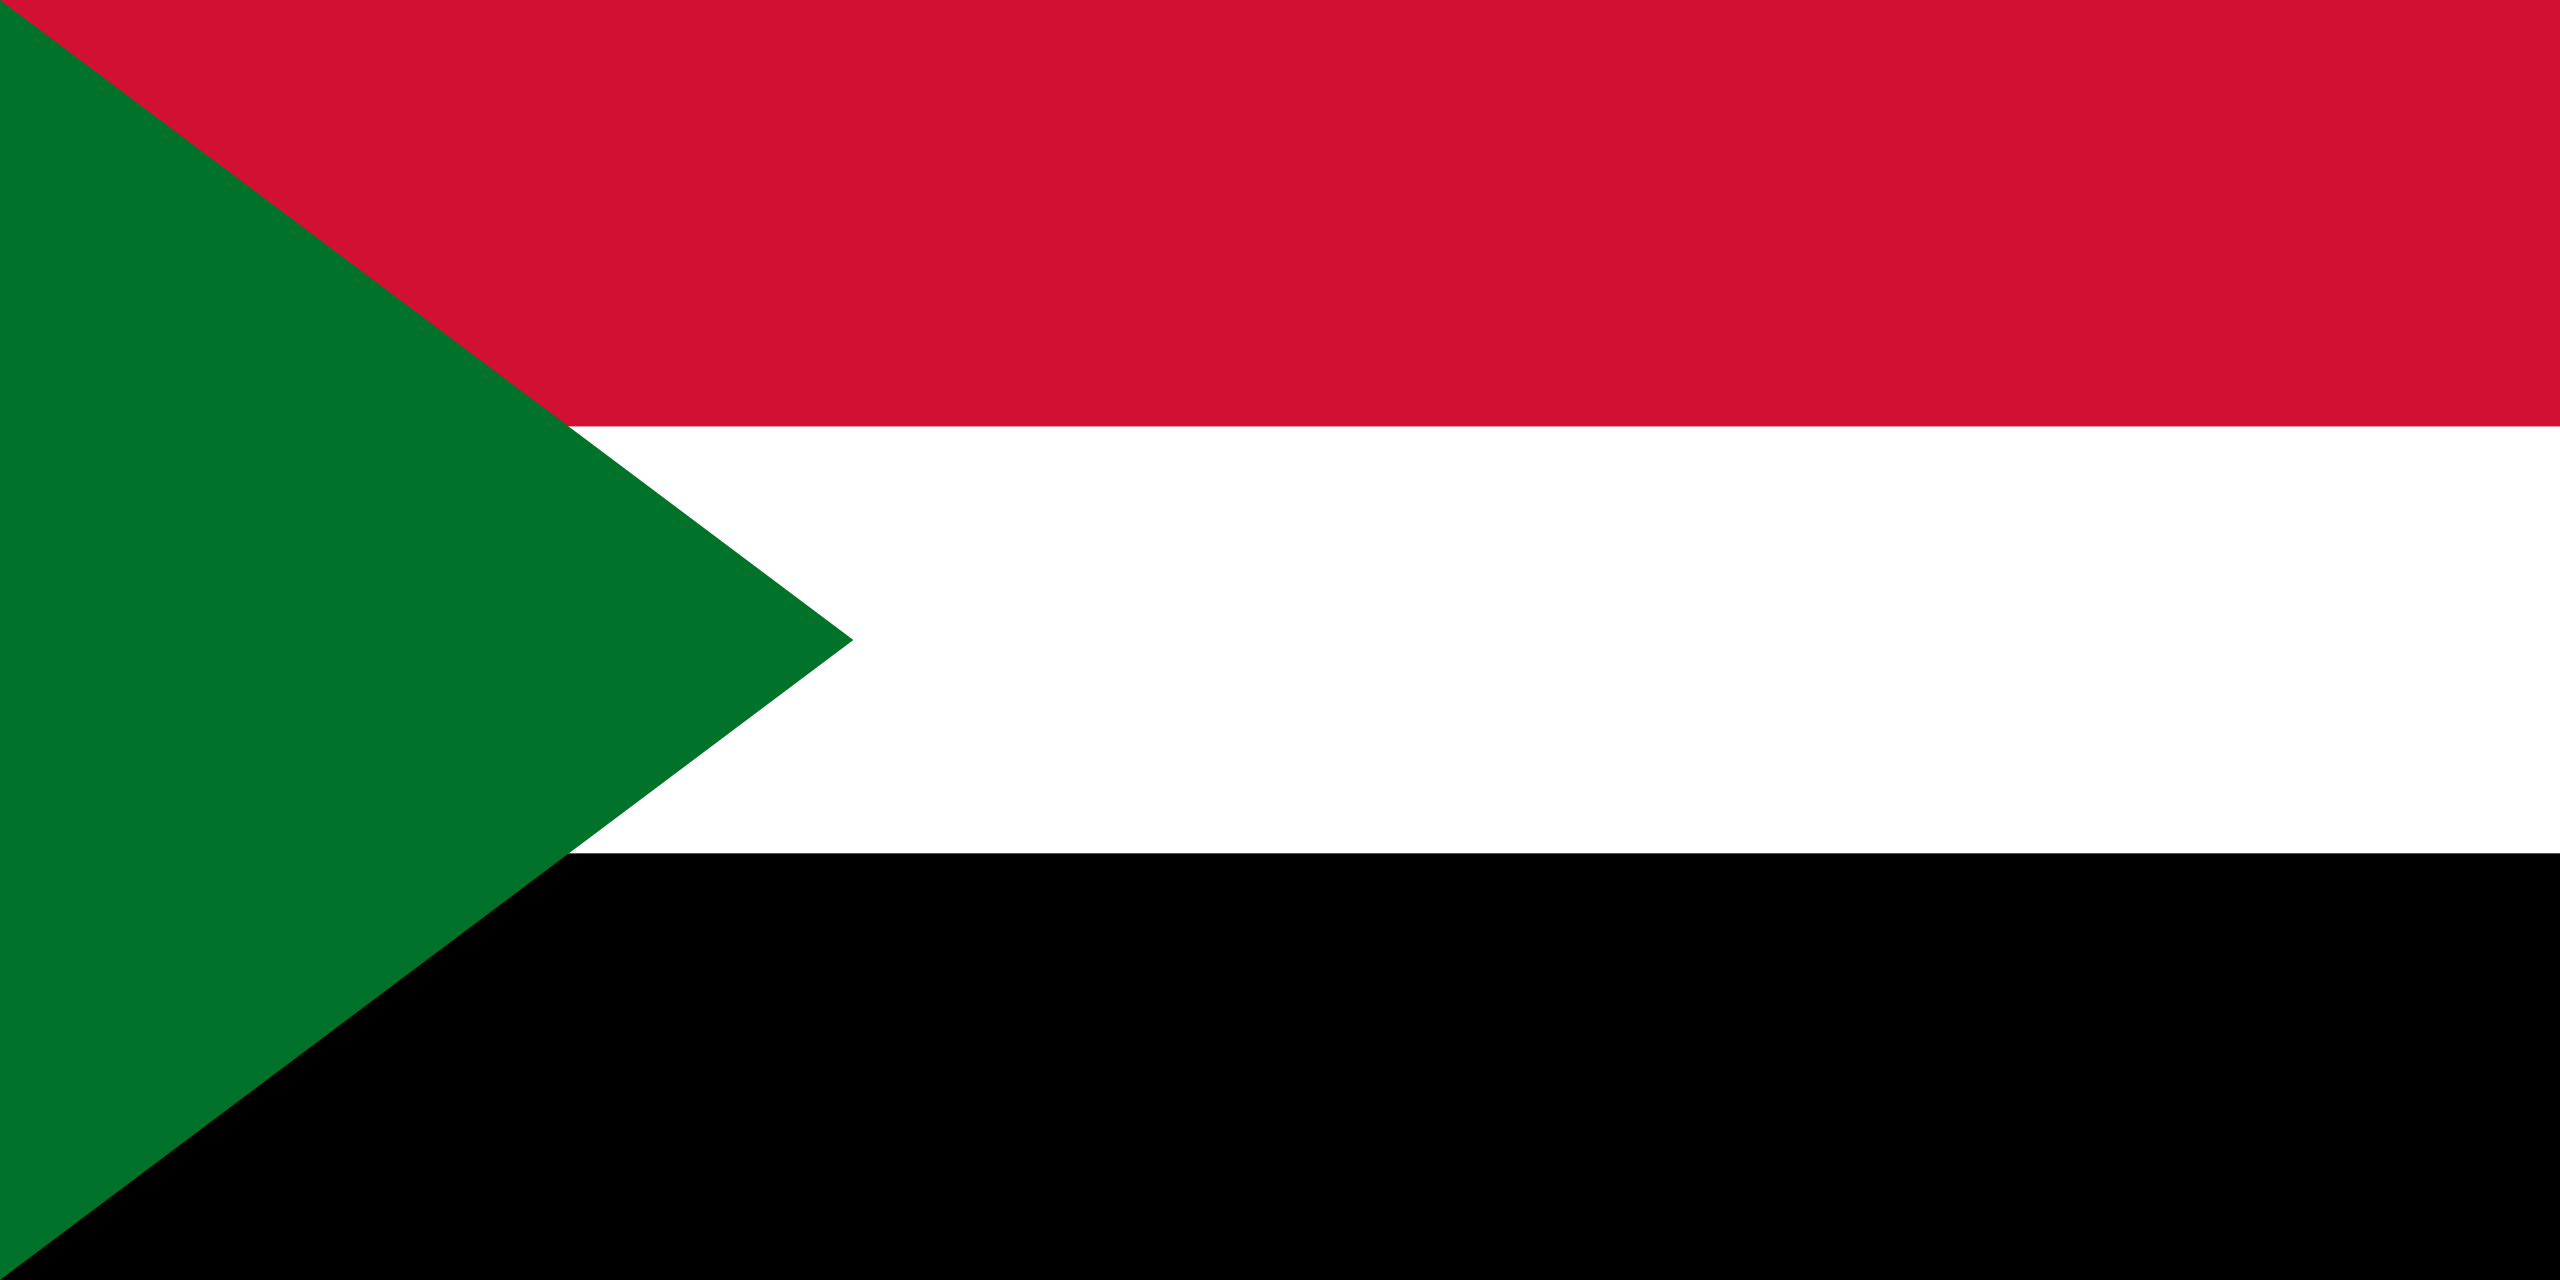 sudán, 国家, 会徽, 徽标, 符号 - 高清壁纸 - 教授-falken.com